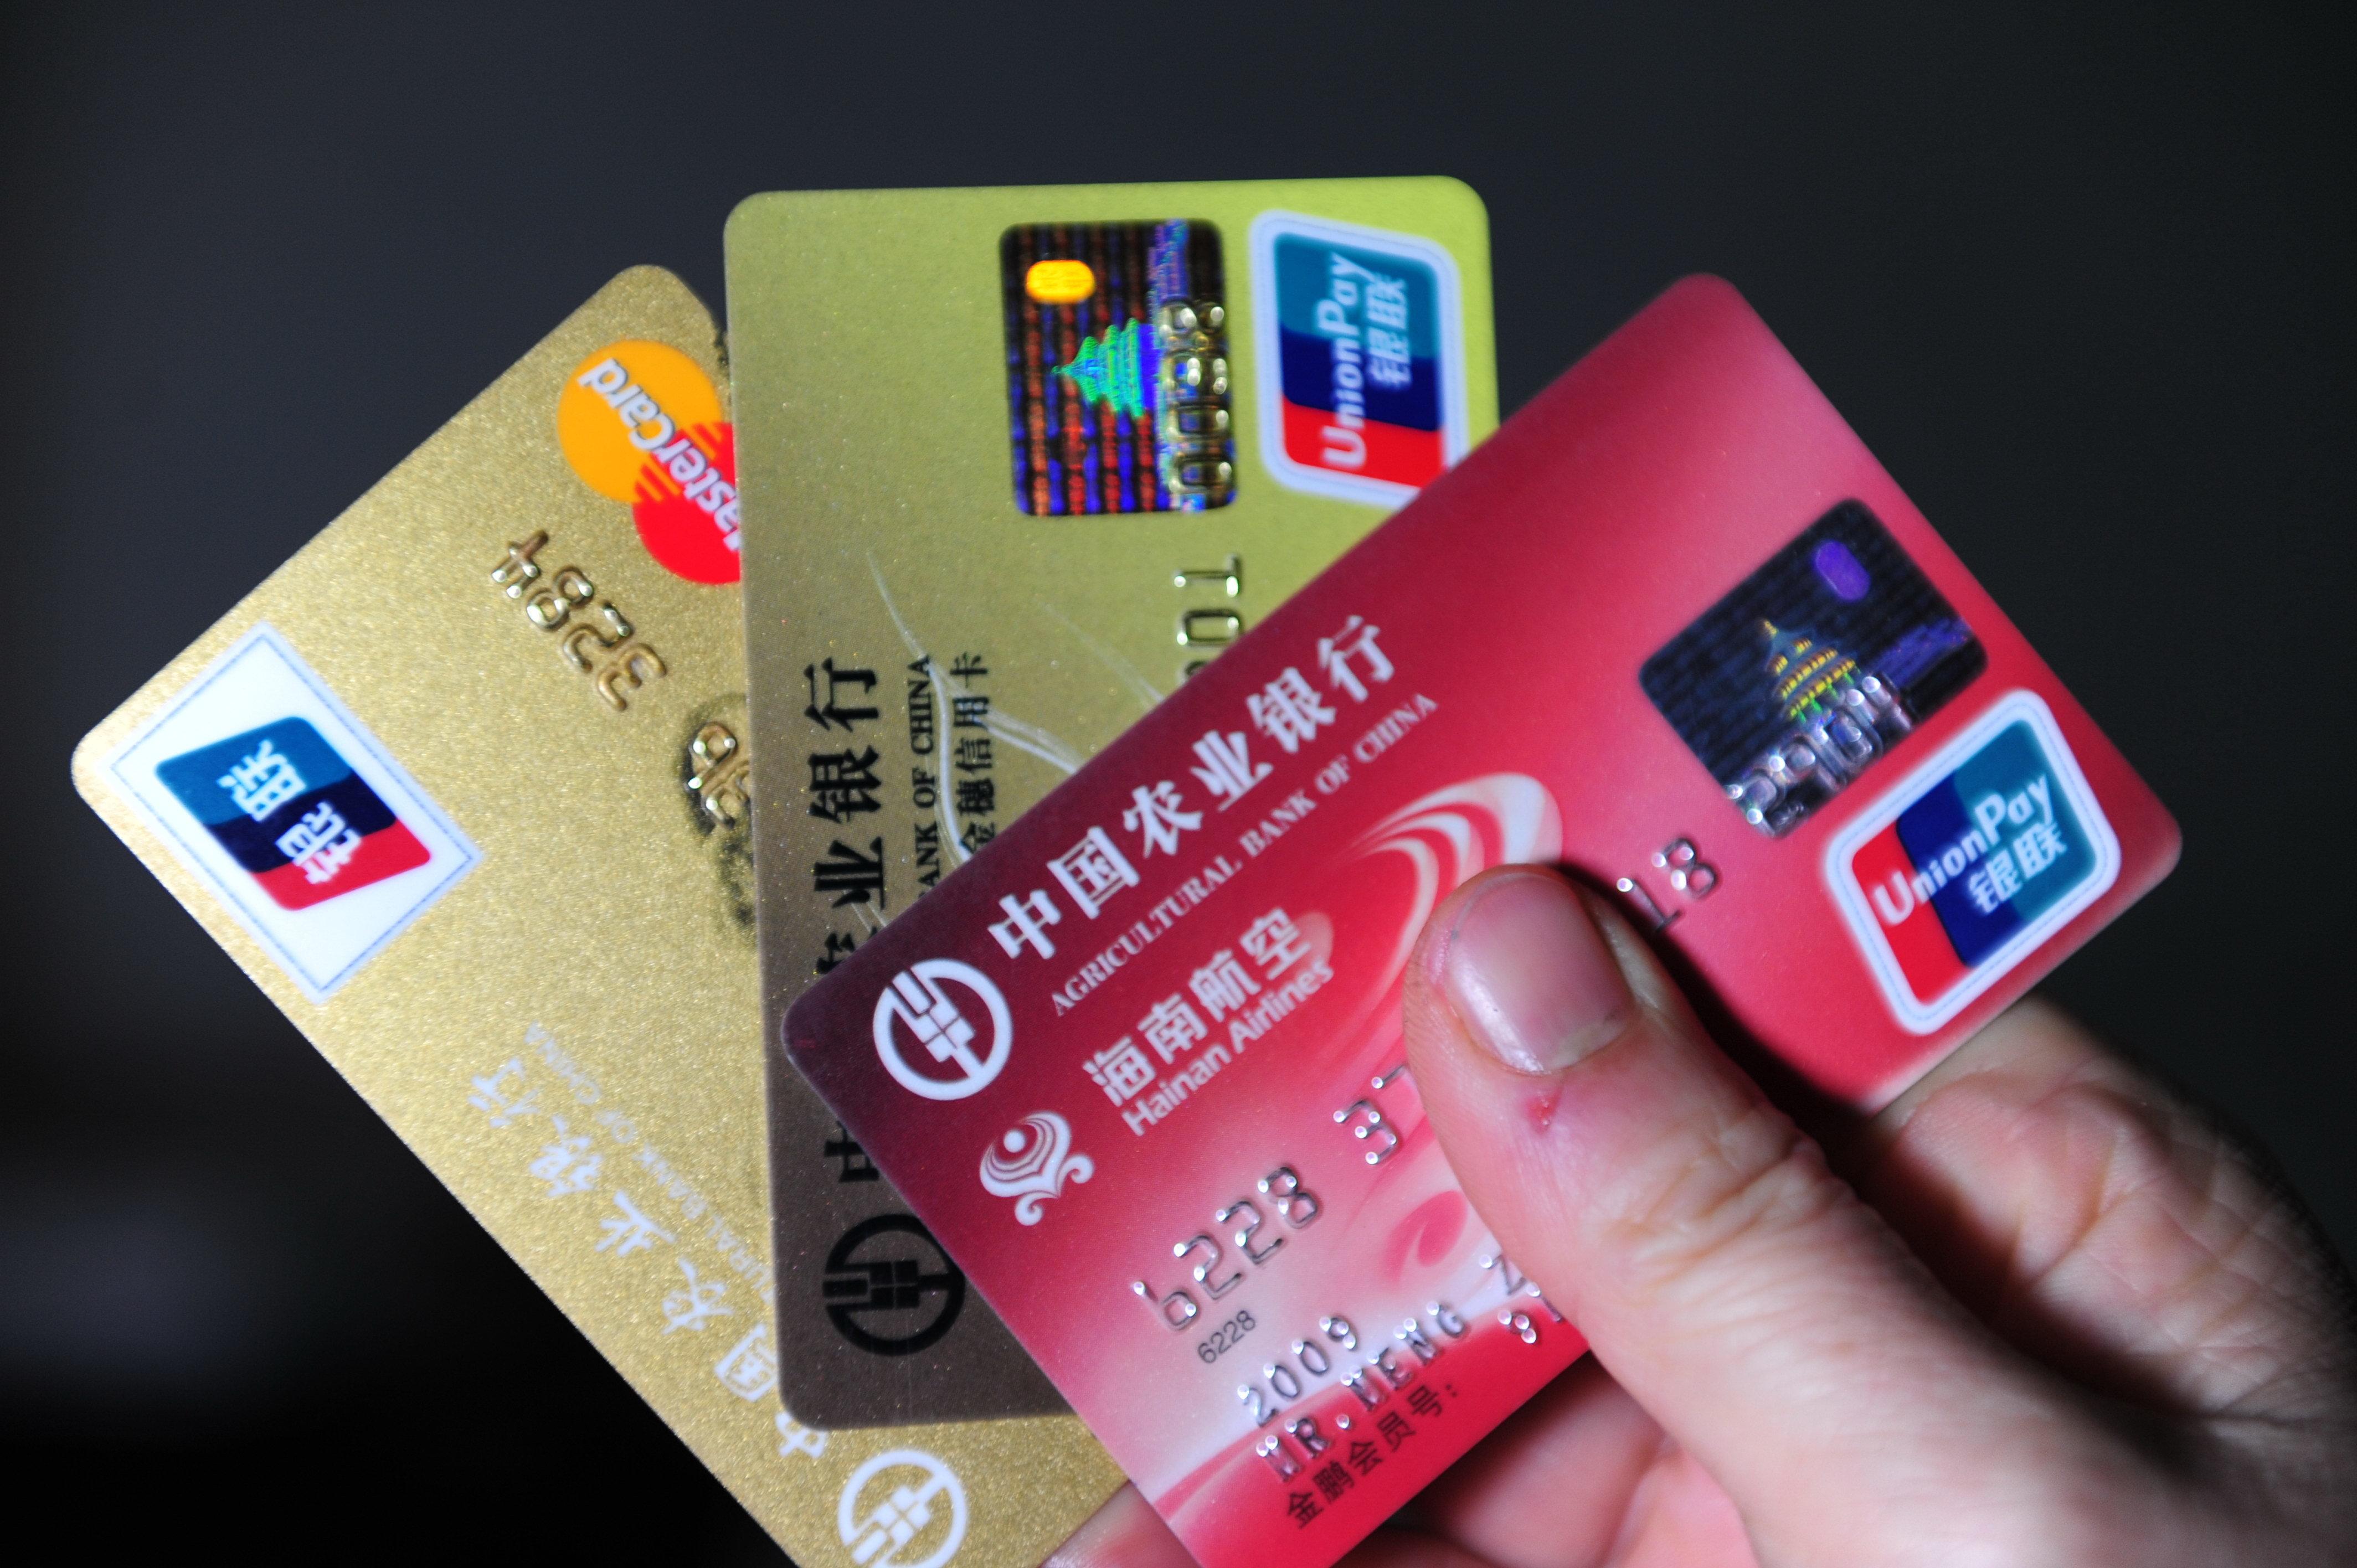 14家银行的申请信用卡的攻略,下卡率90%以上!